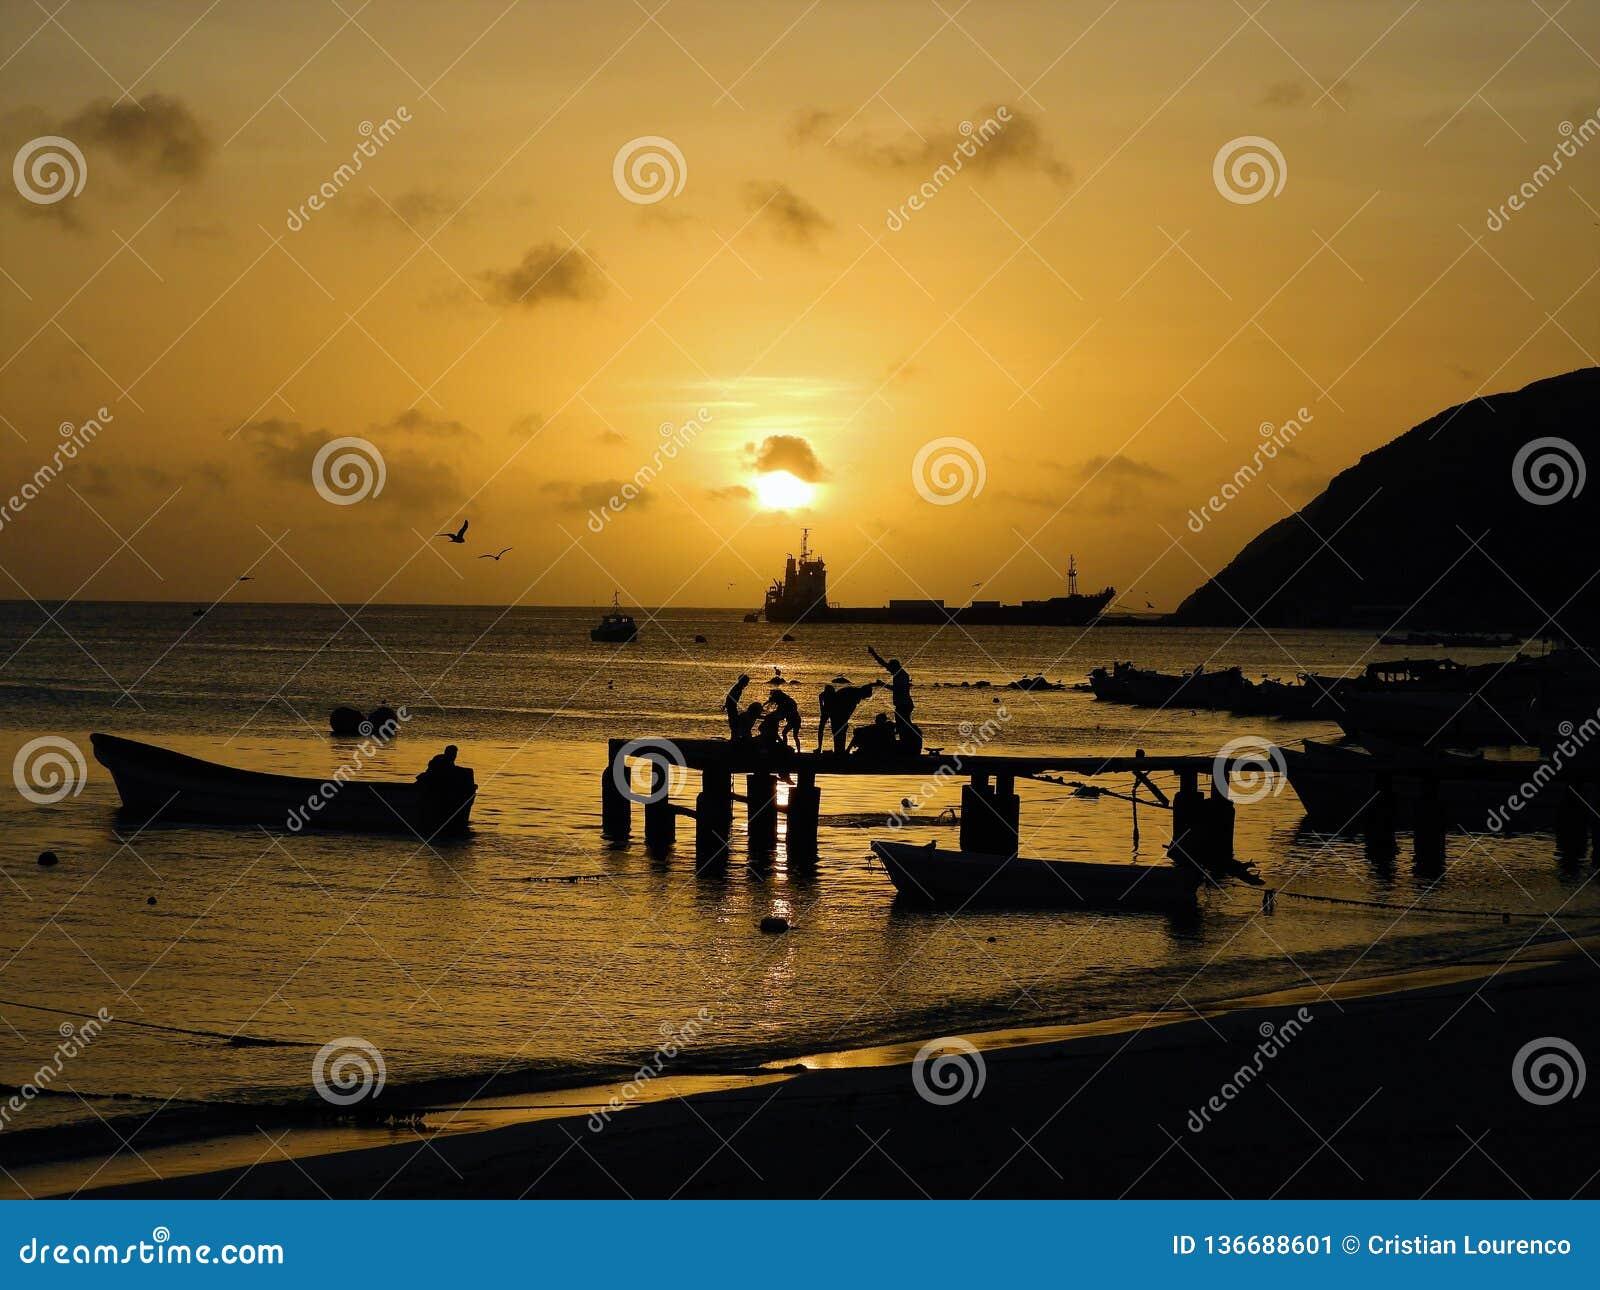 Los Roques, karibischer Strand: Vogelperspektive des Sonnenuntergangs auf dem Strand